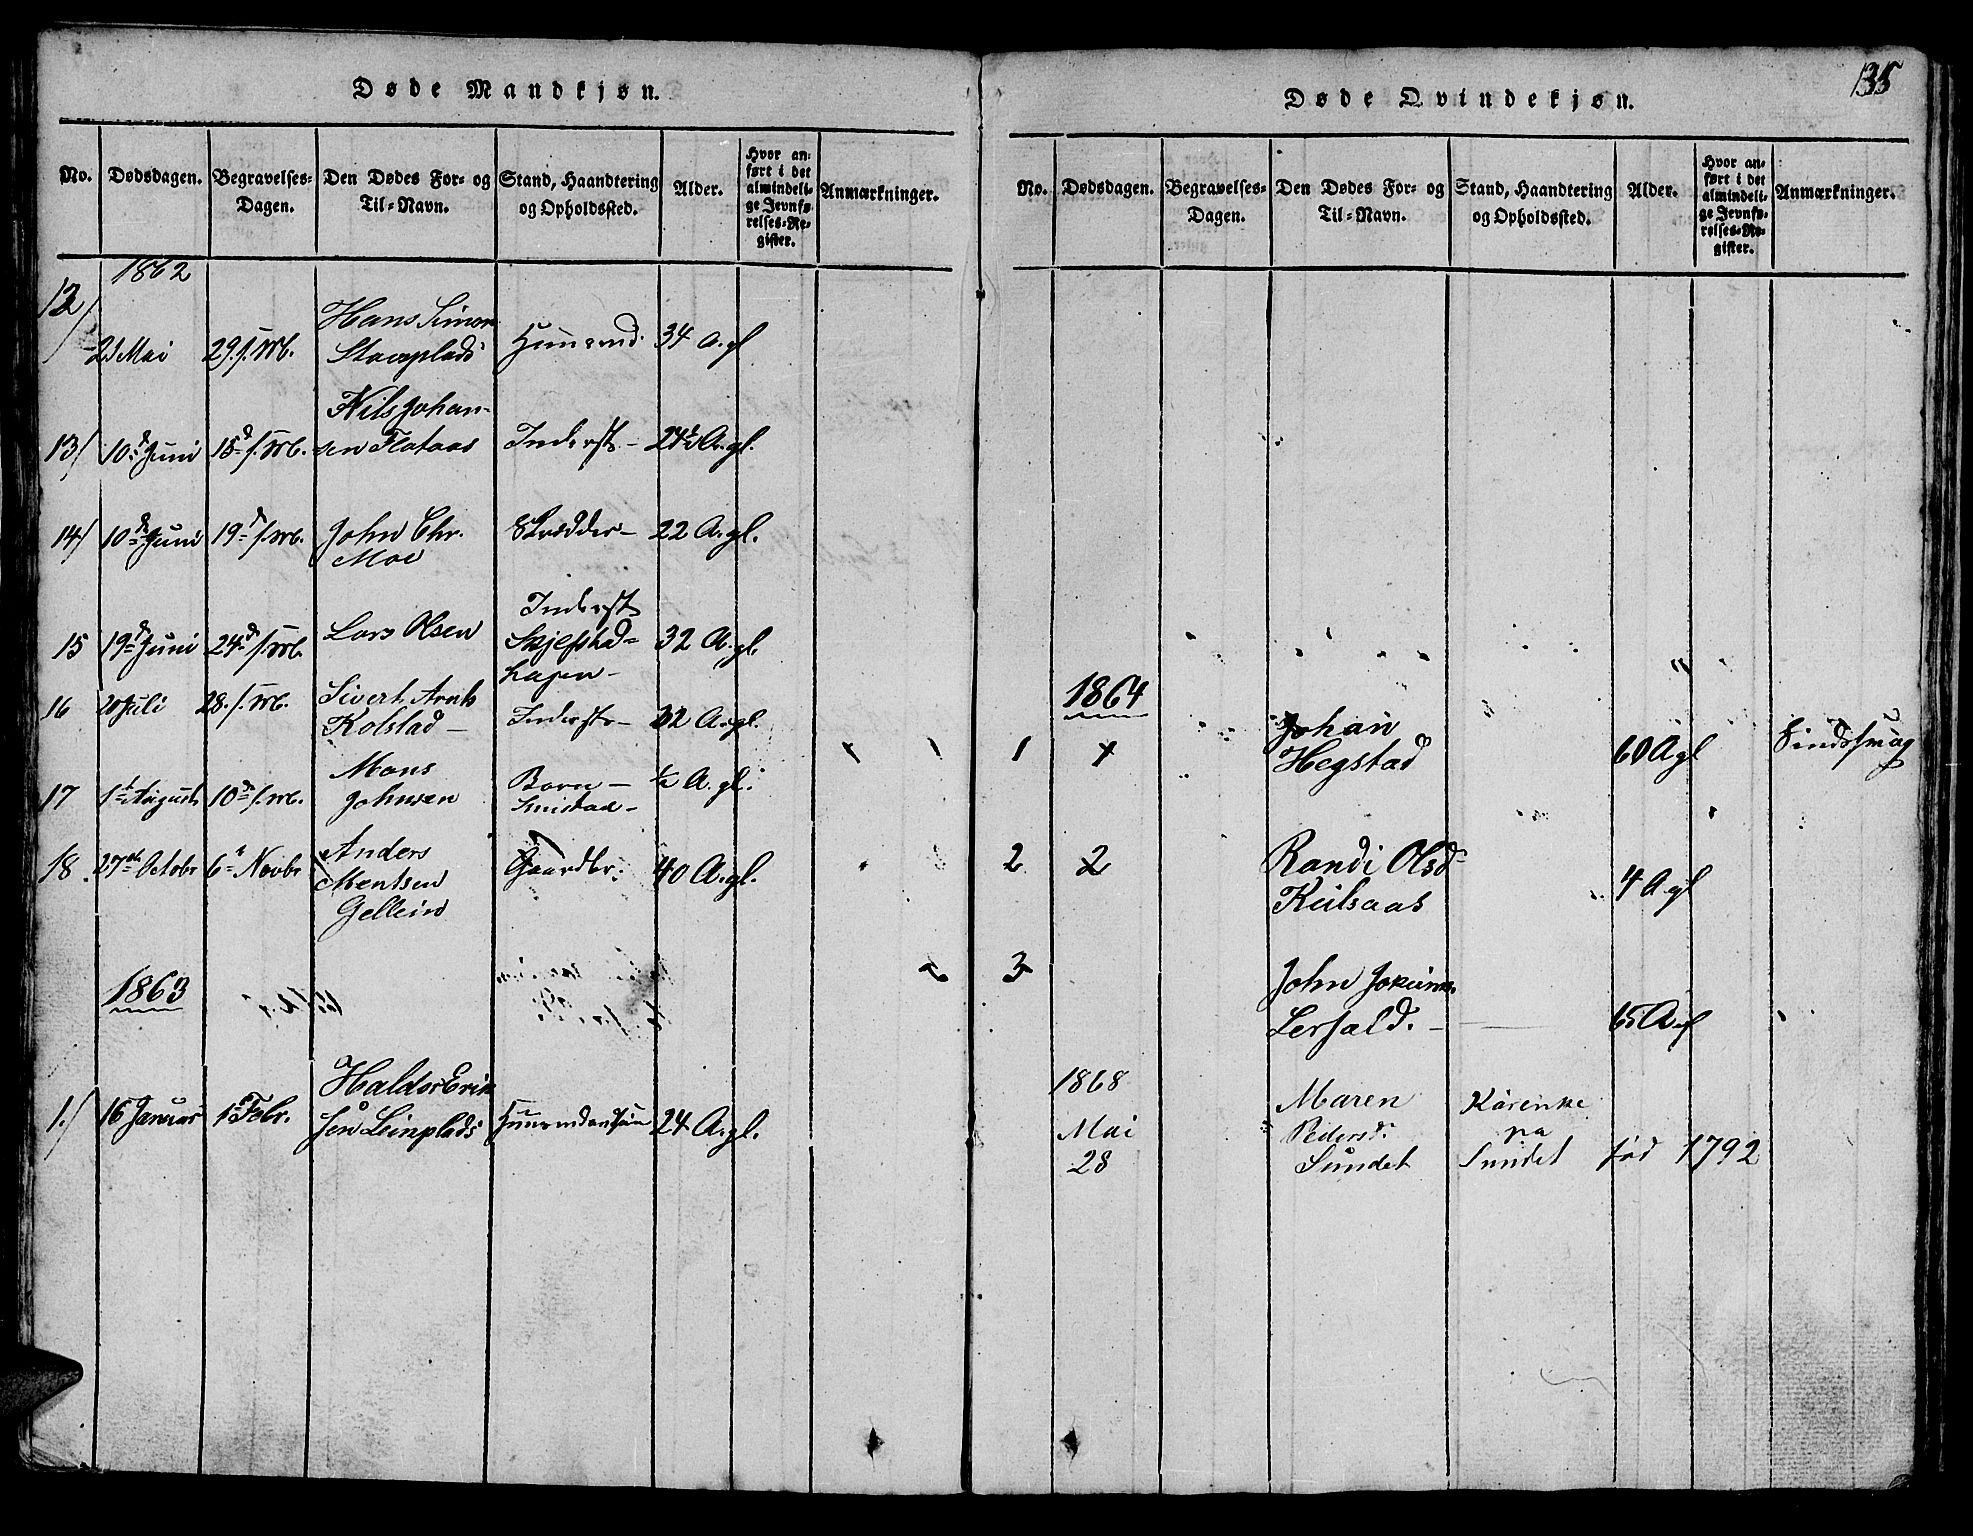 SAT, Ministerialprotokoller, klokkerbøker og fødselsregistre - Sør-Trøndelag, 613/L0393: Klokkerbok nr. 613C01, 1816-1886, s. 135